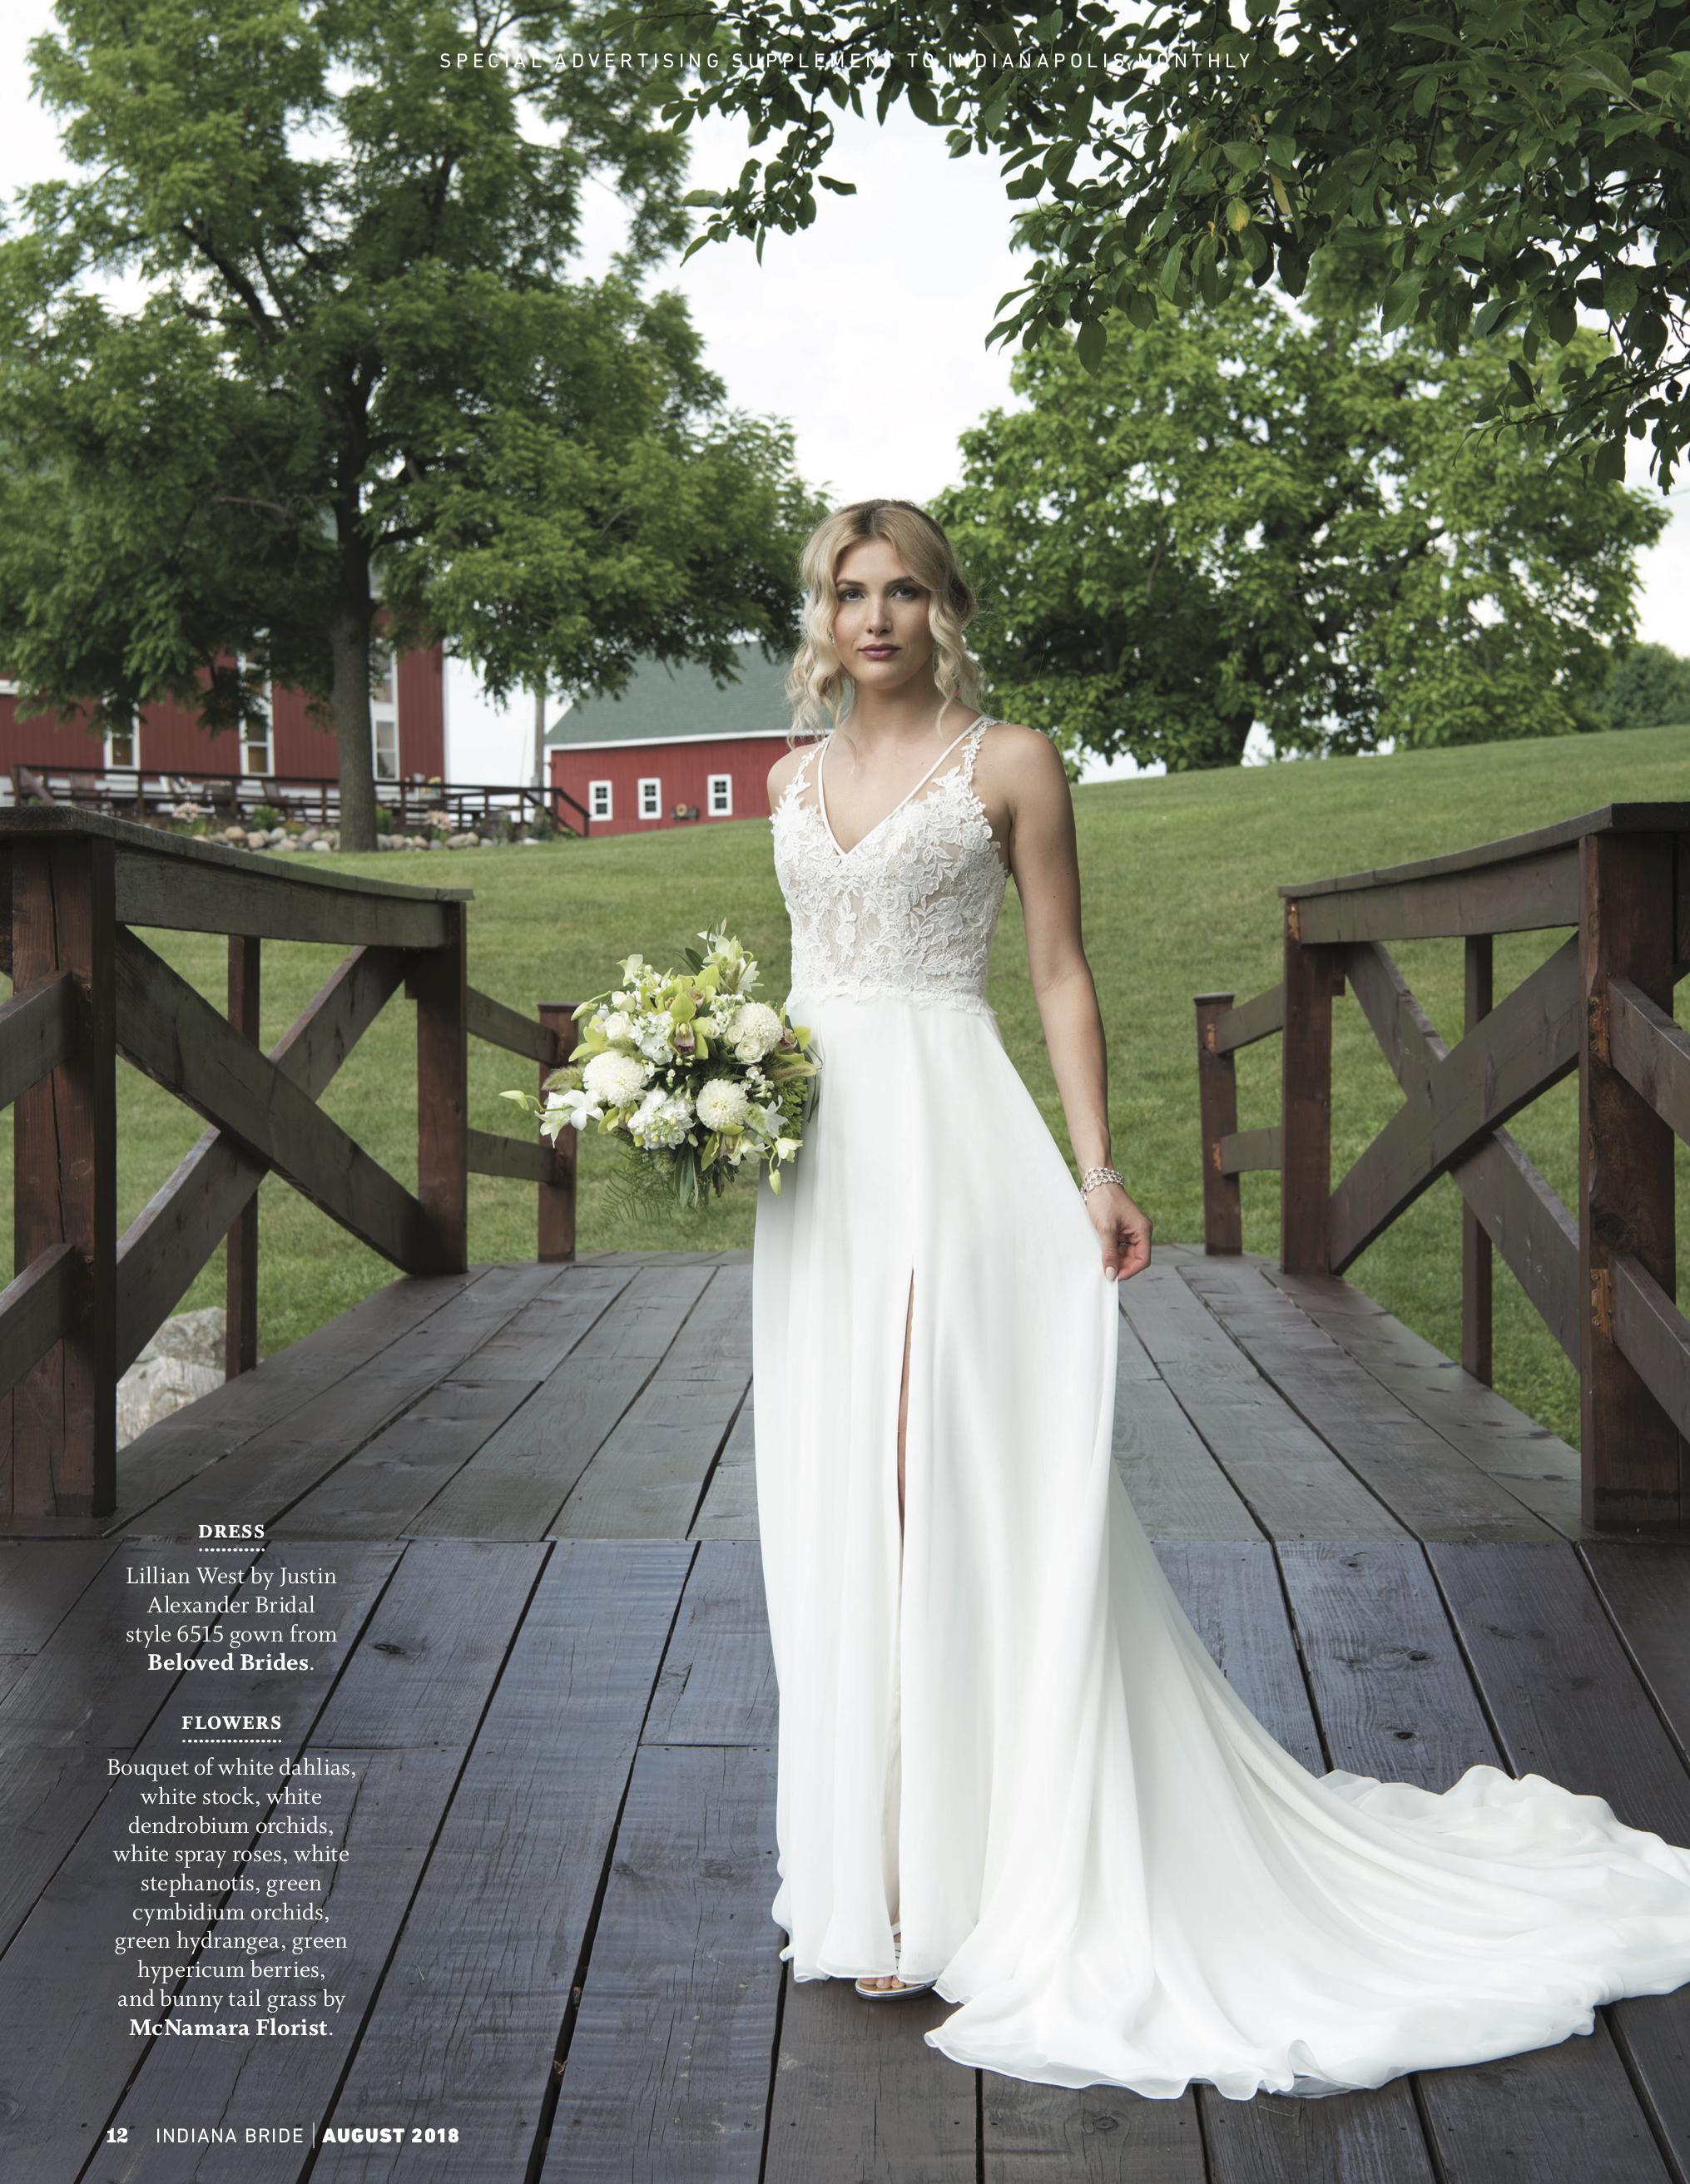 BRIDE_gowns_0818_4.jpg